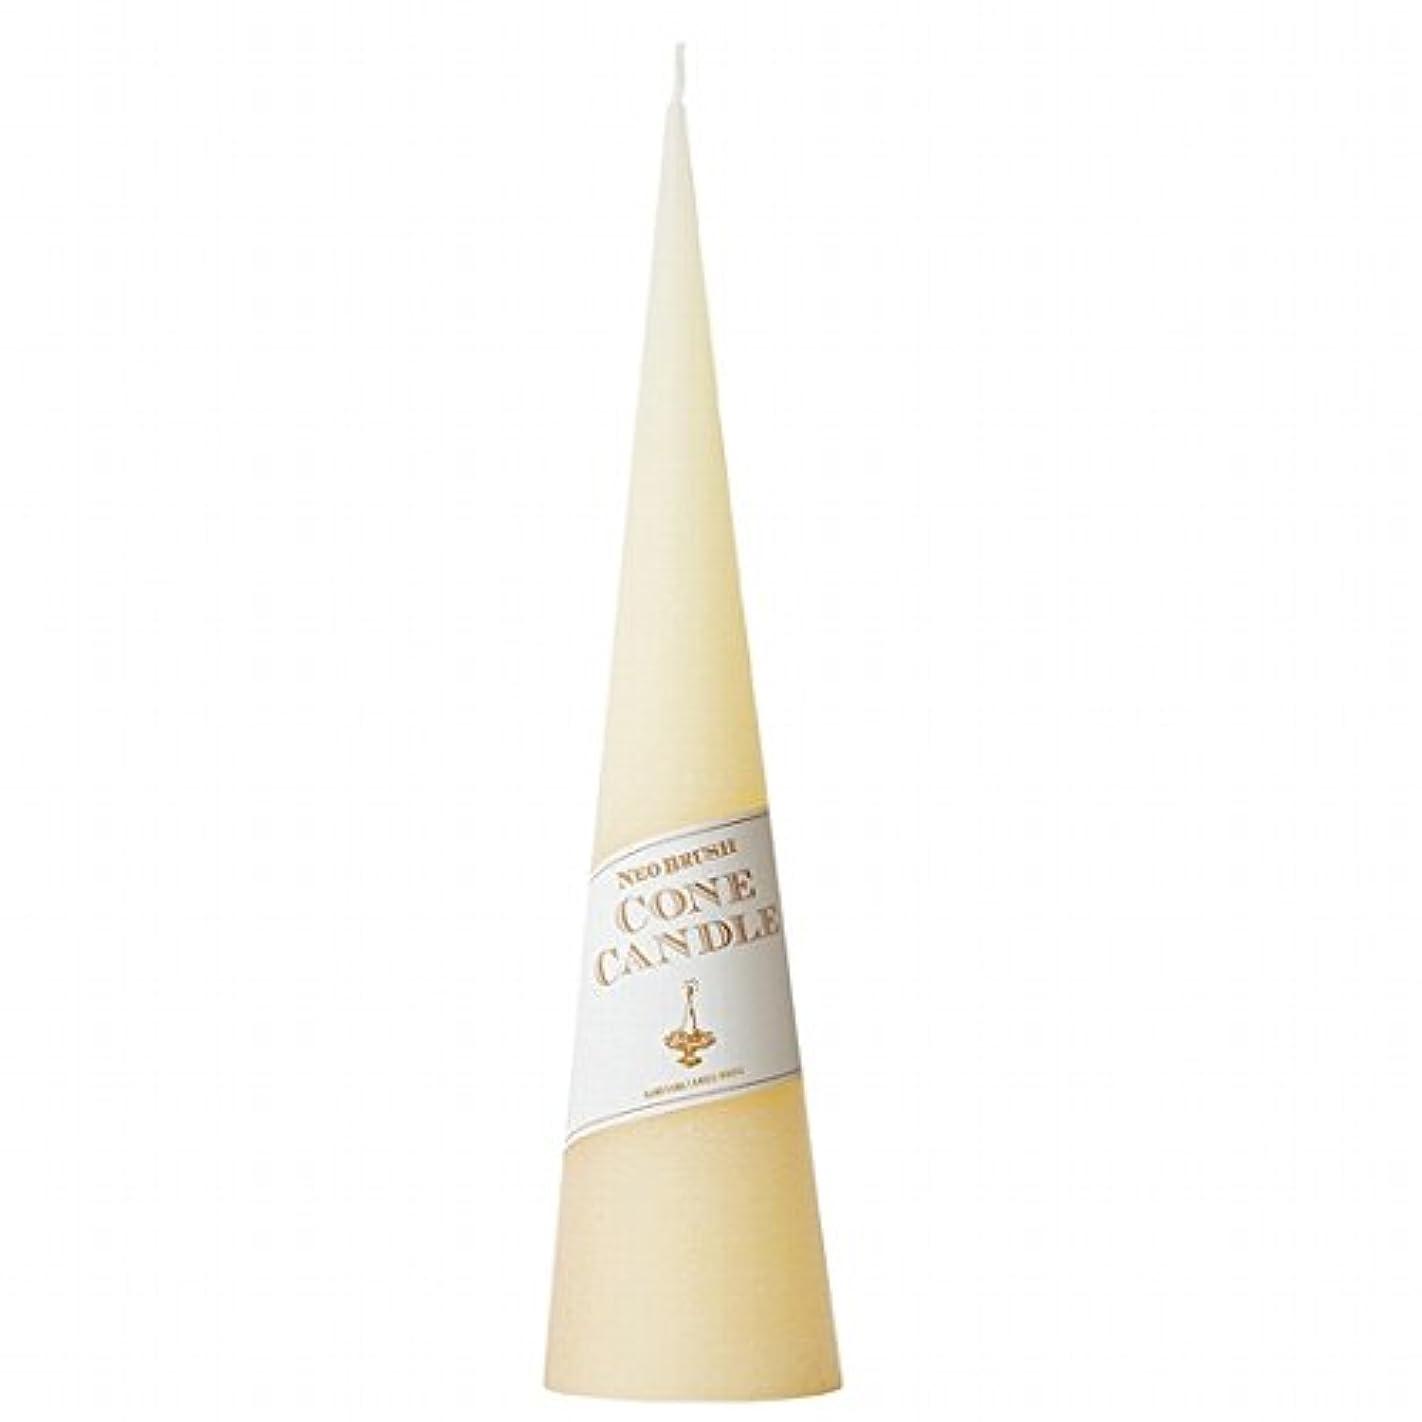 等価意欲ママkameyama candle(カメヤマキャンドル) ネオブラッシュコーン 295 キャンドル 「 アイボリー 」(A9750030IV)